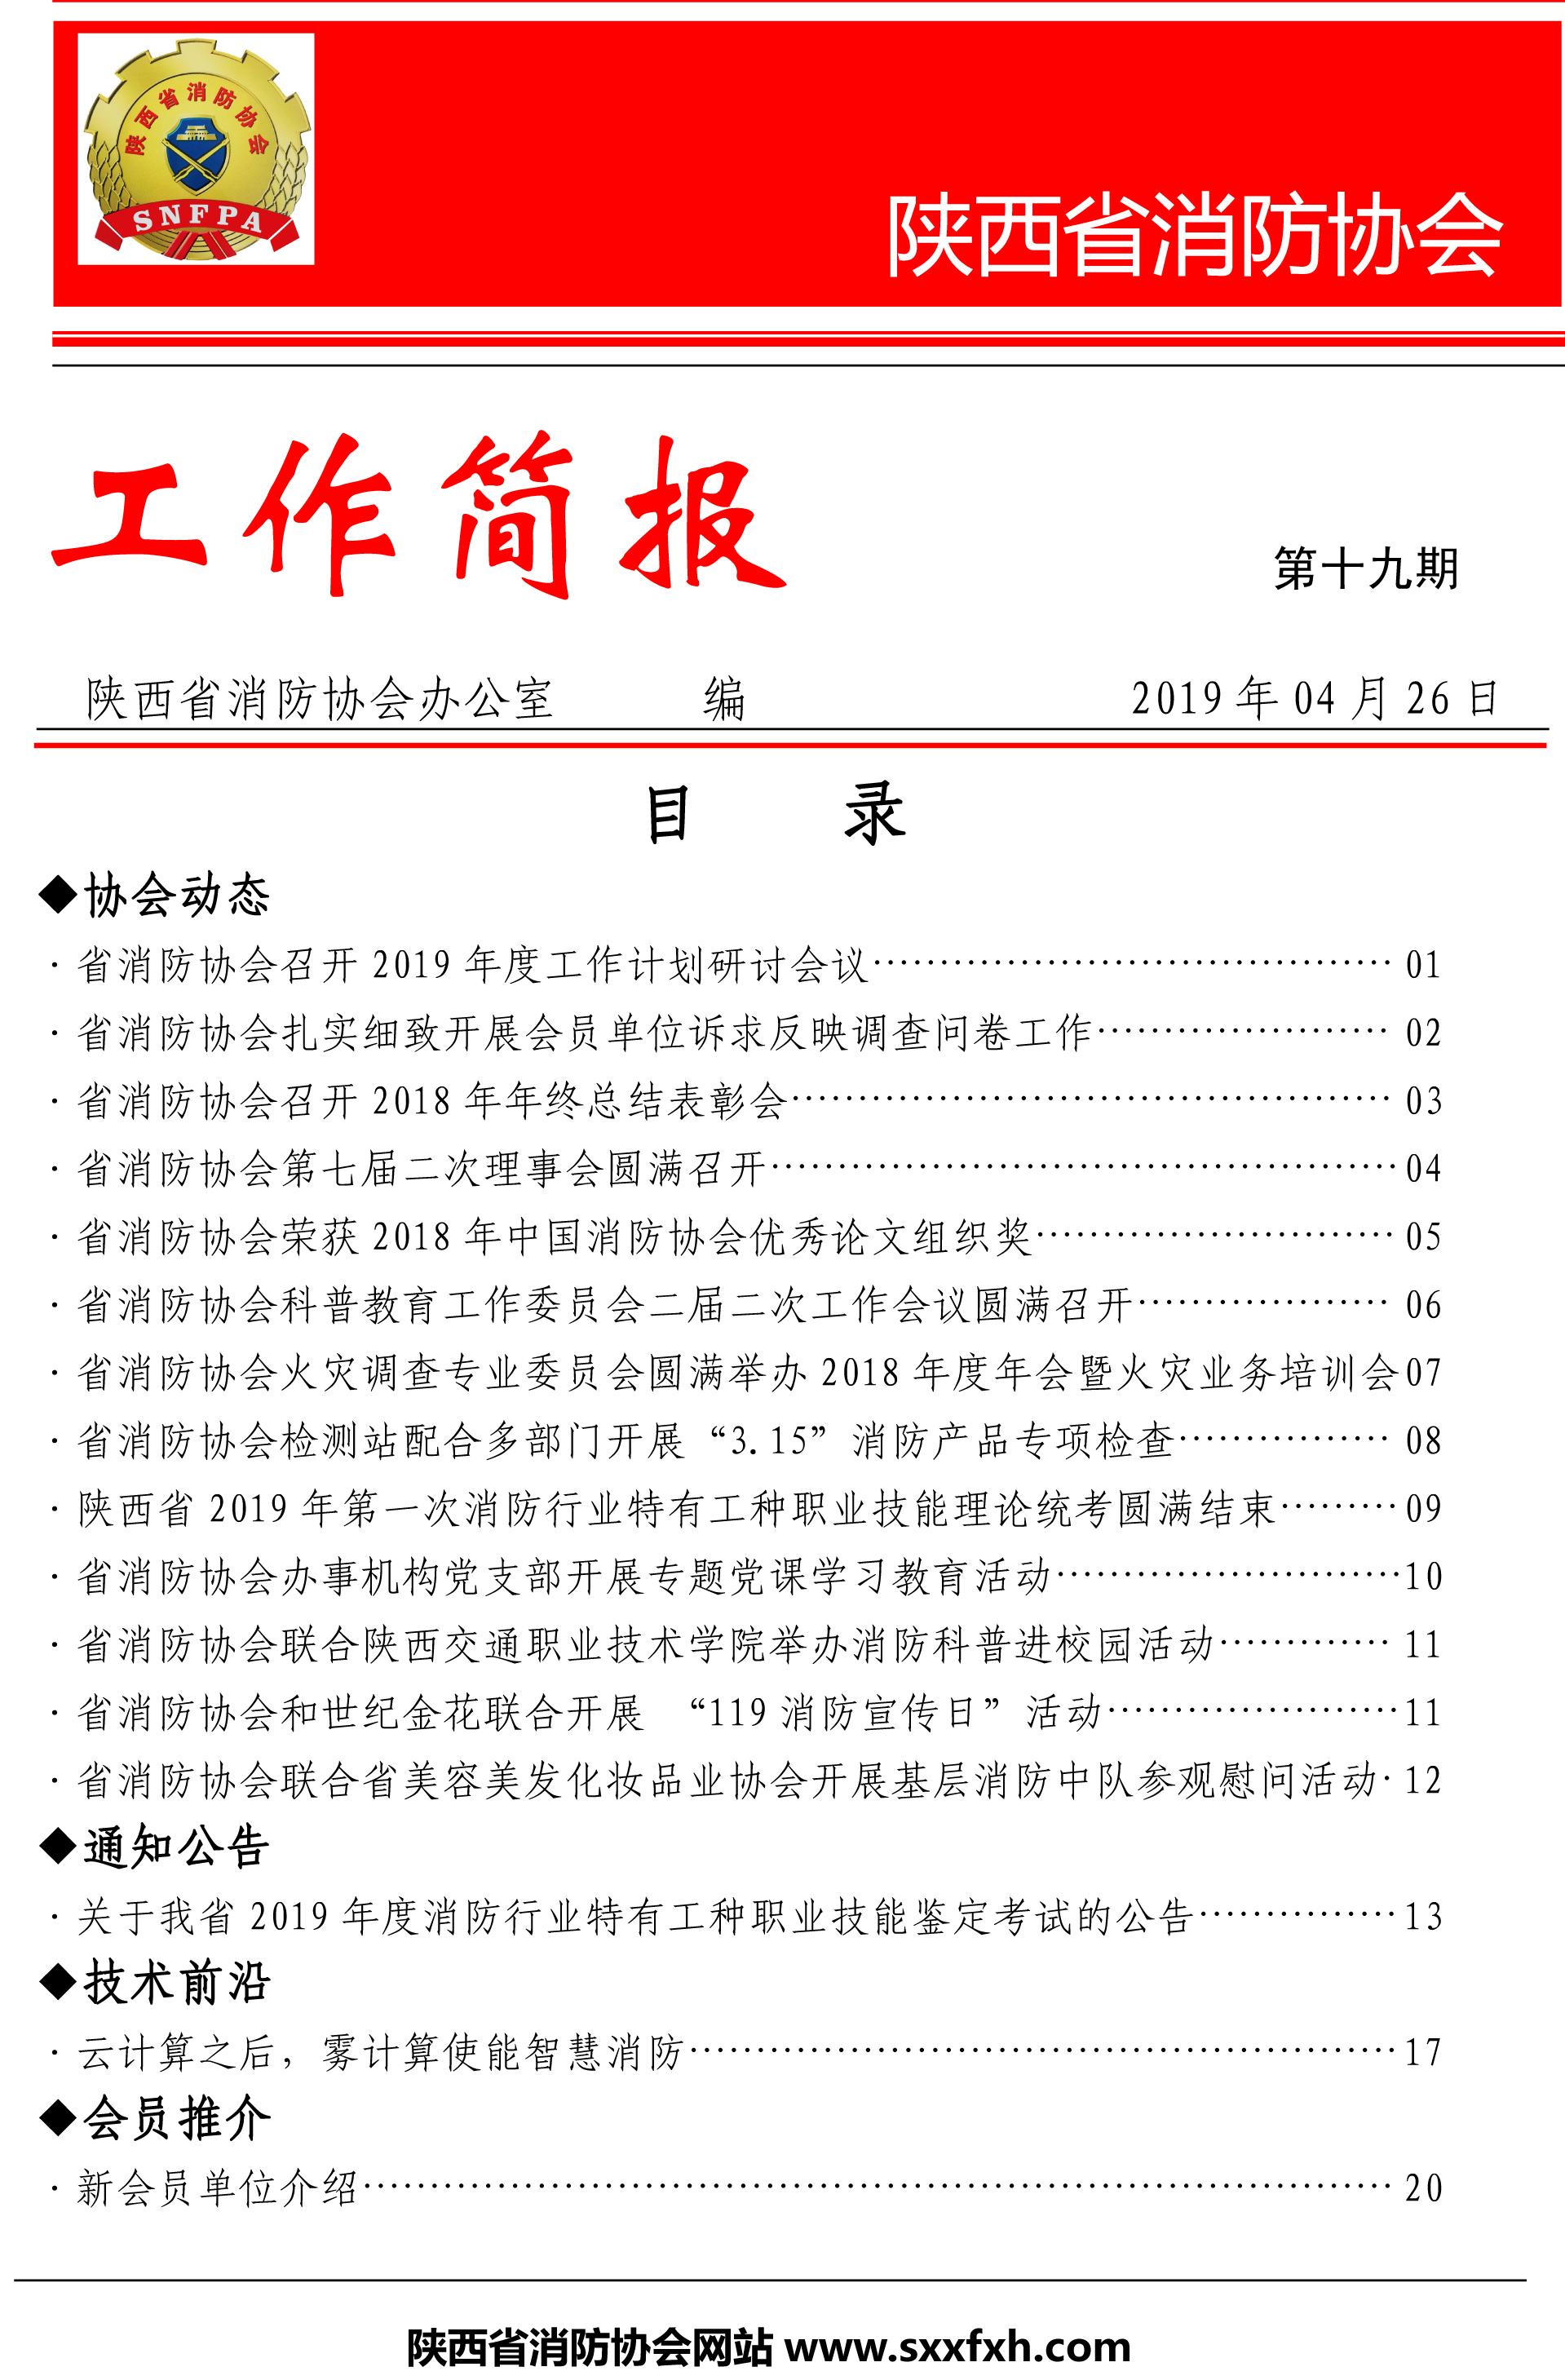 陕西省消防协会工作简报第十九期